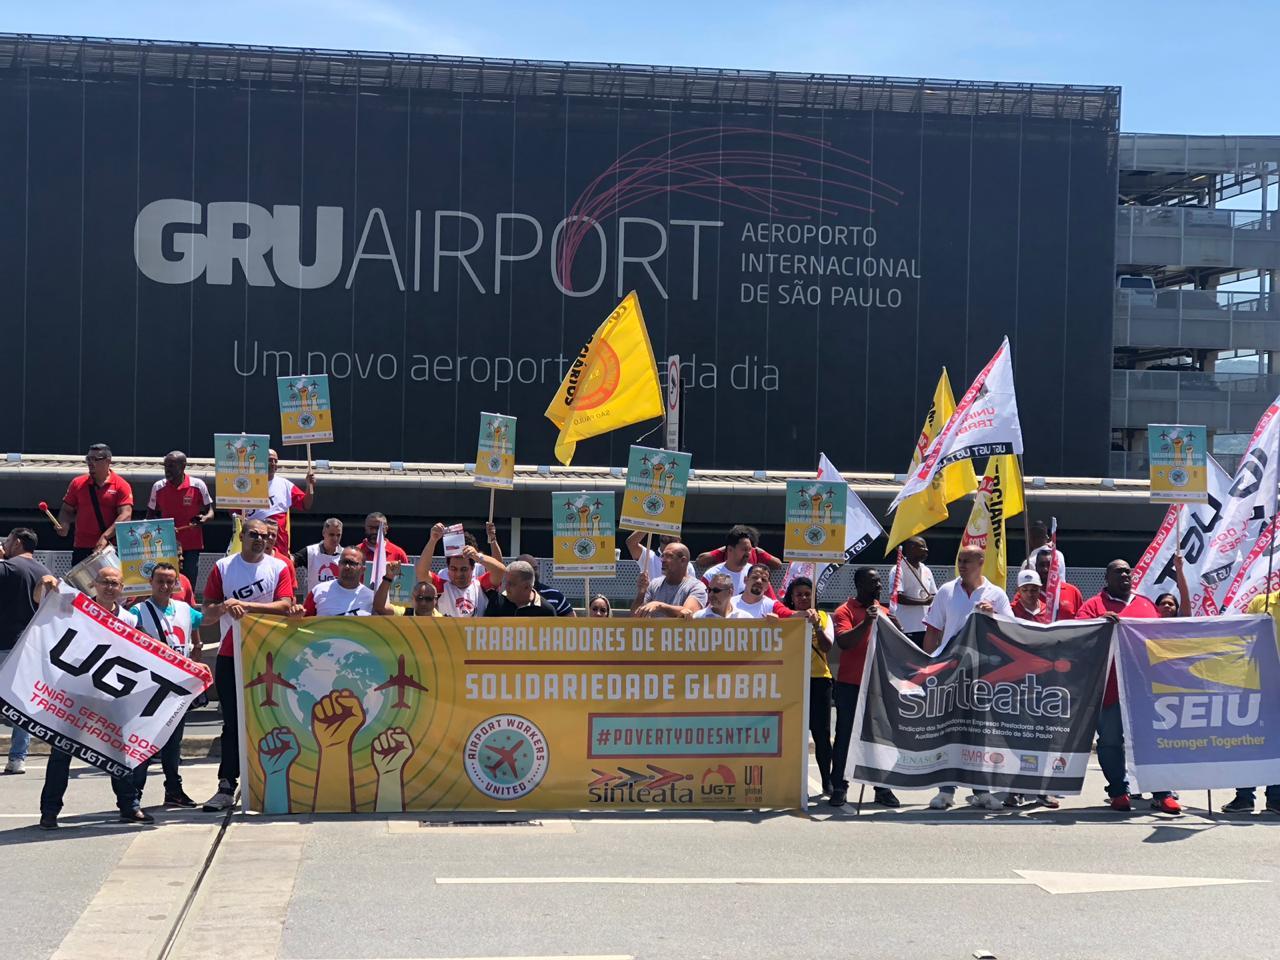 O Sinteata em parceria com as Federações dos  Sindicatos Globais ITF, bem como a UNIGlobal,  realizaram uma manifestação nesta terça-feira (02), reivindicando melhores salários e  benefícios à categoria.